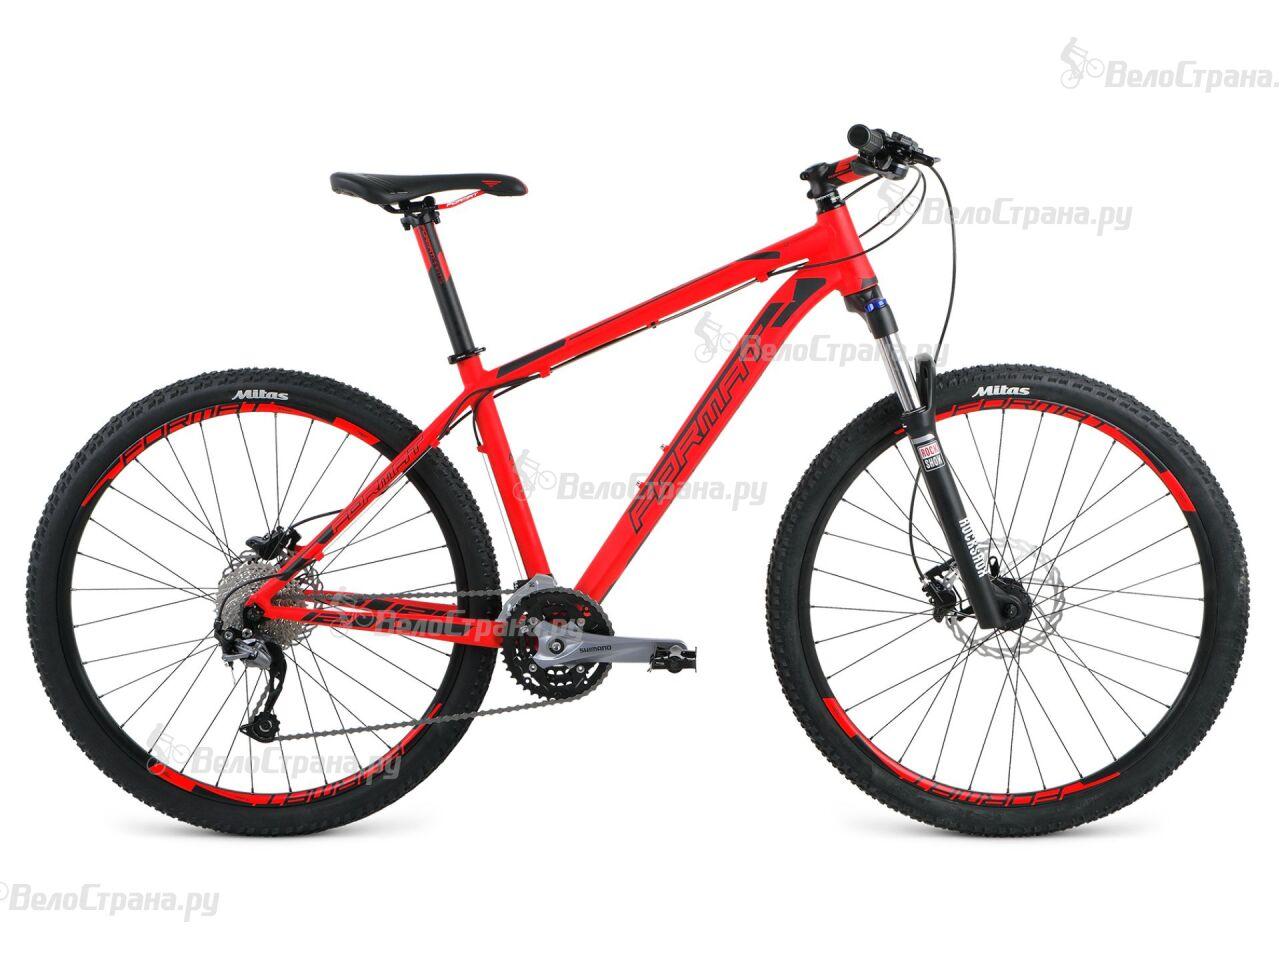 Велосипед Format 1214 29 (2016) велосипед 29 format 1113 2016